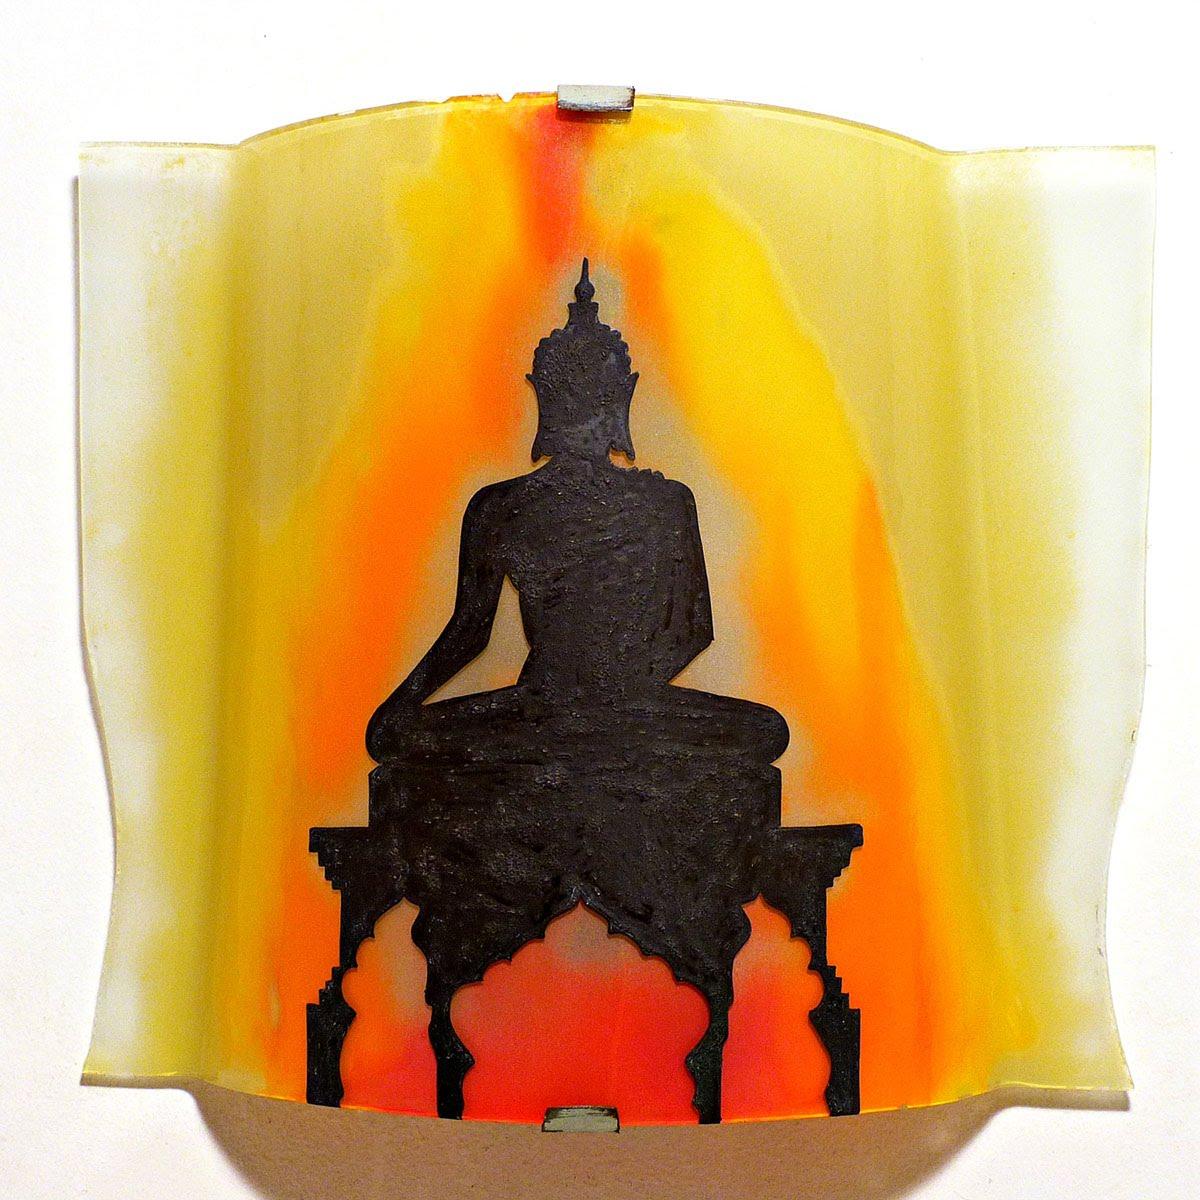 Luminaire applique murale artisanale jaune orange rouge motif statue de bouddha 5